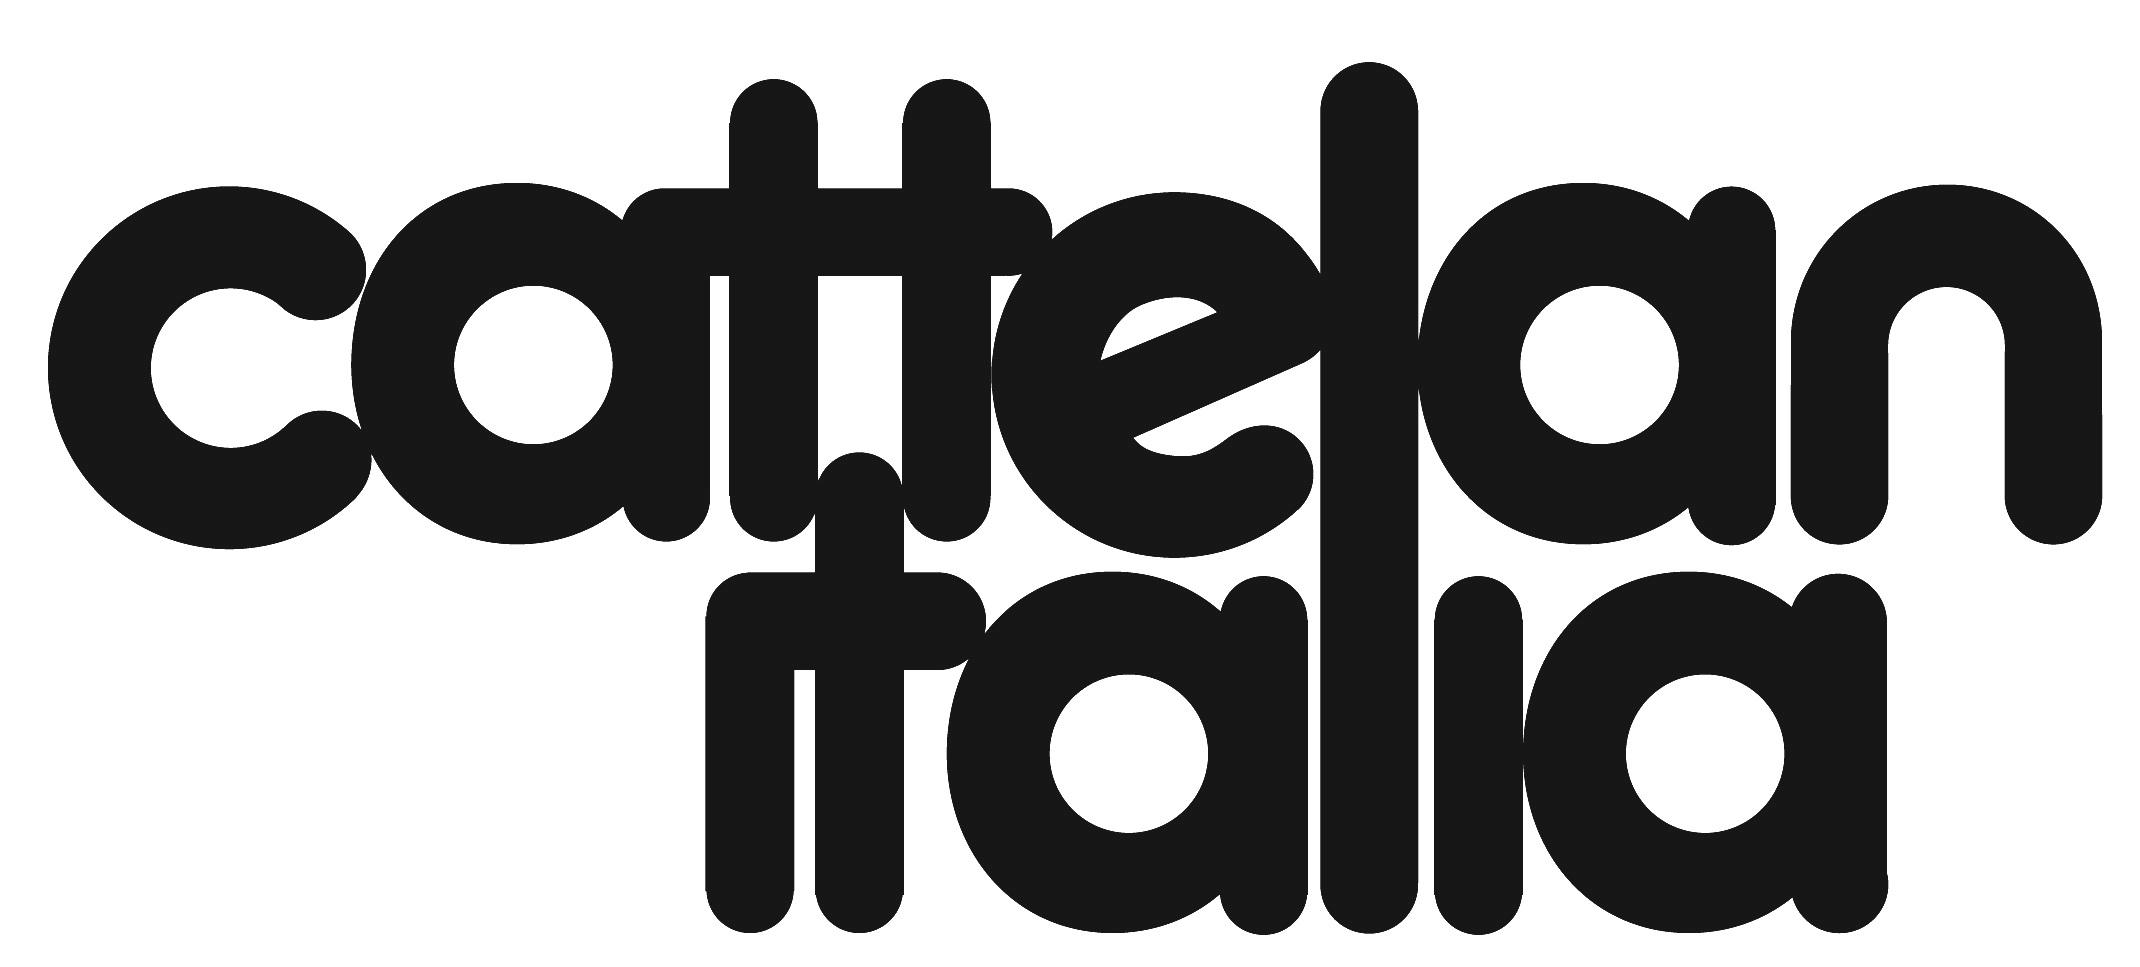 Cattelan+Italia.jpg